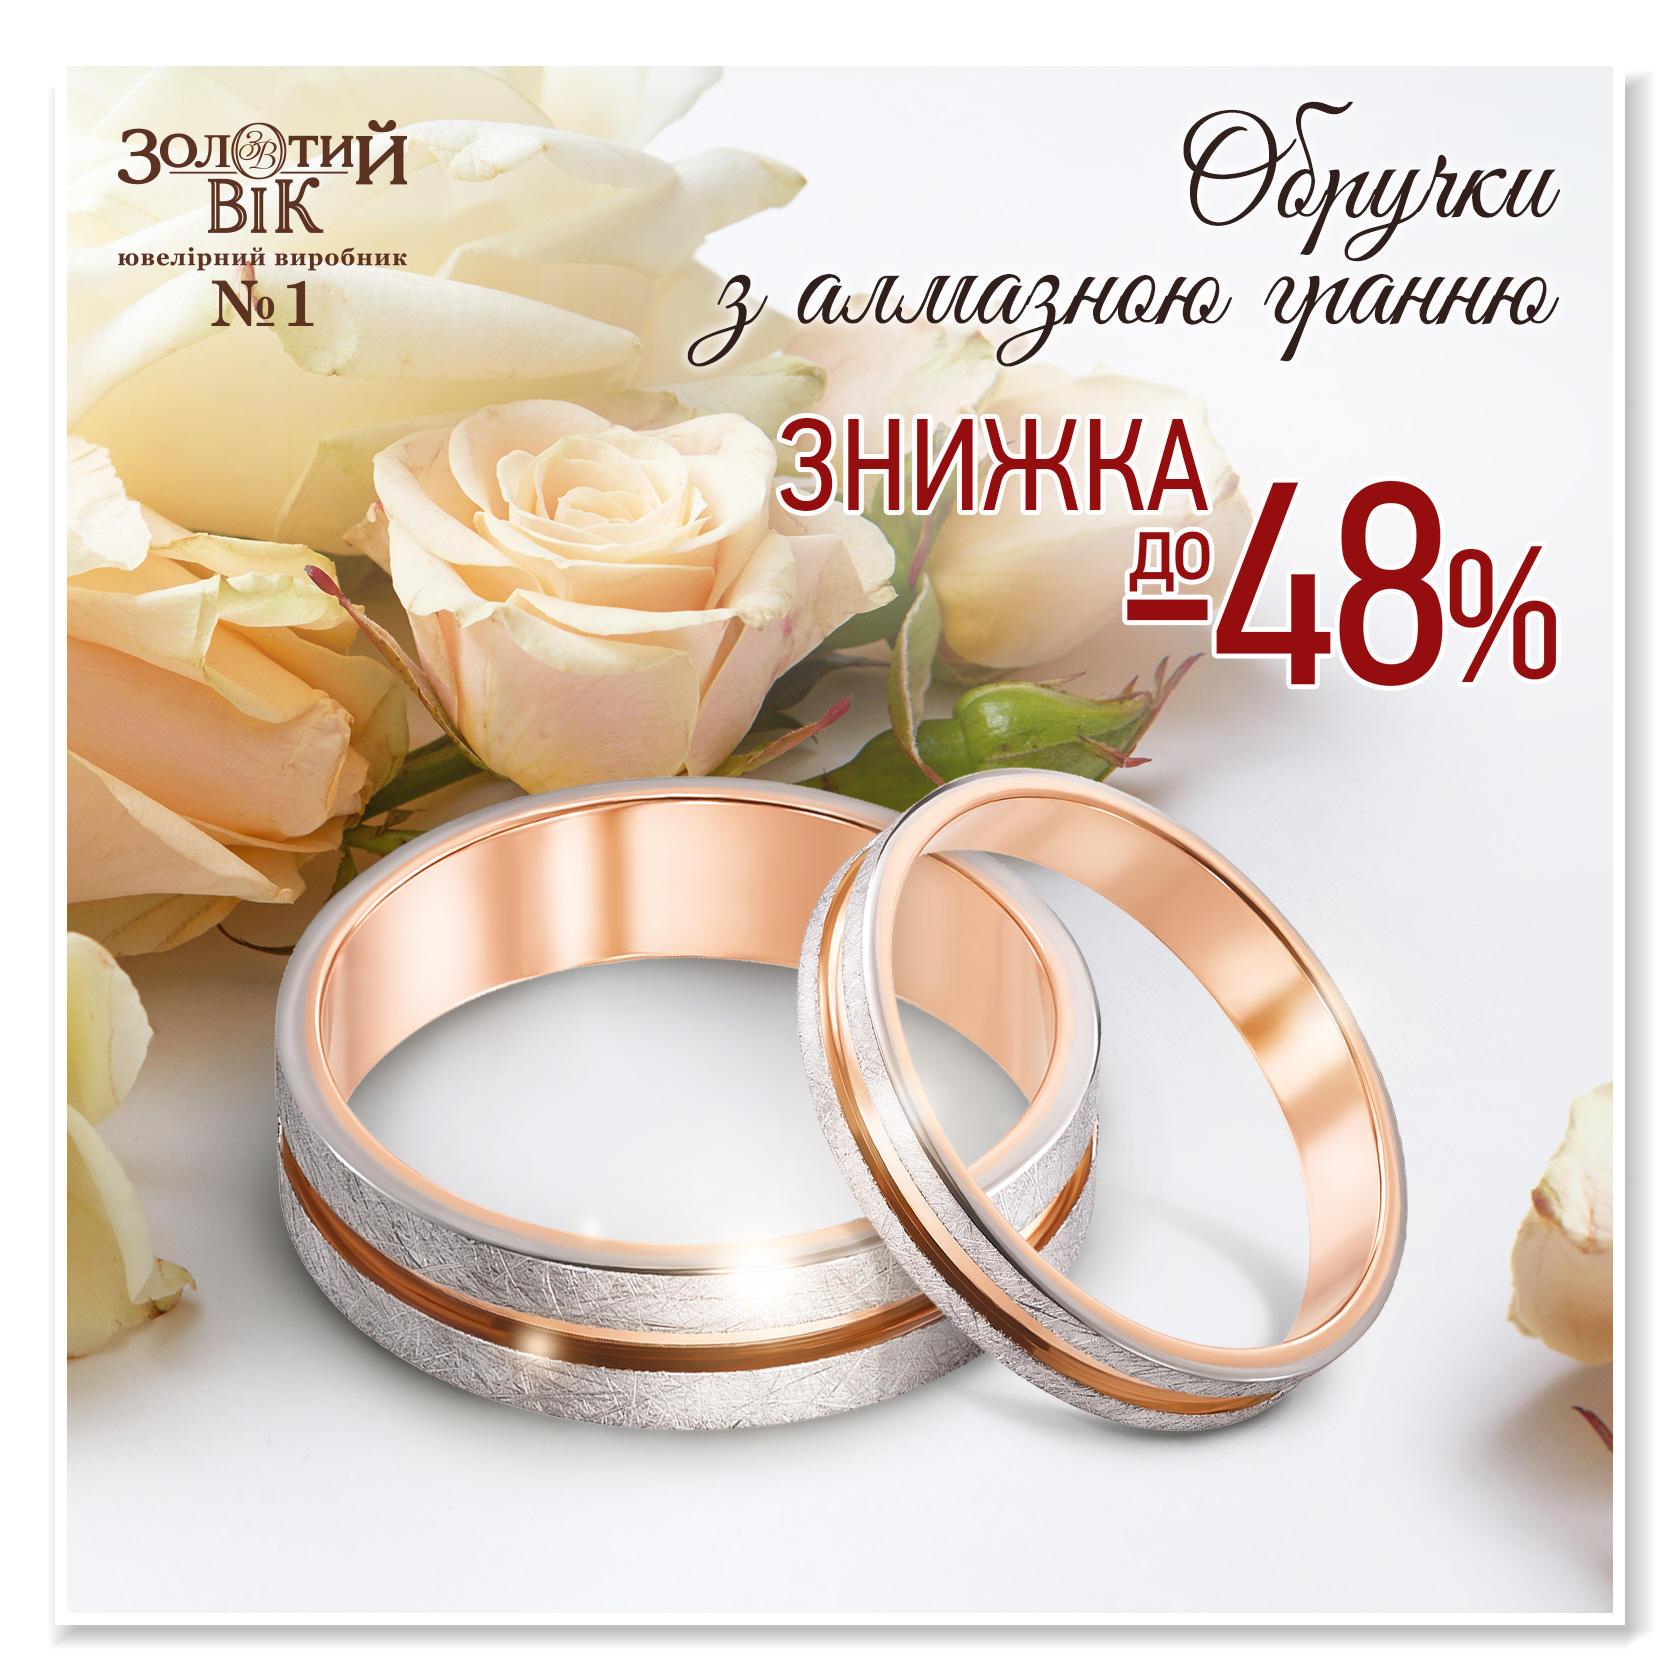 Відкрийте для себе золоті обручки з алмазною гранню 33d40713e655a